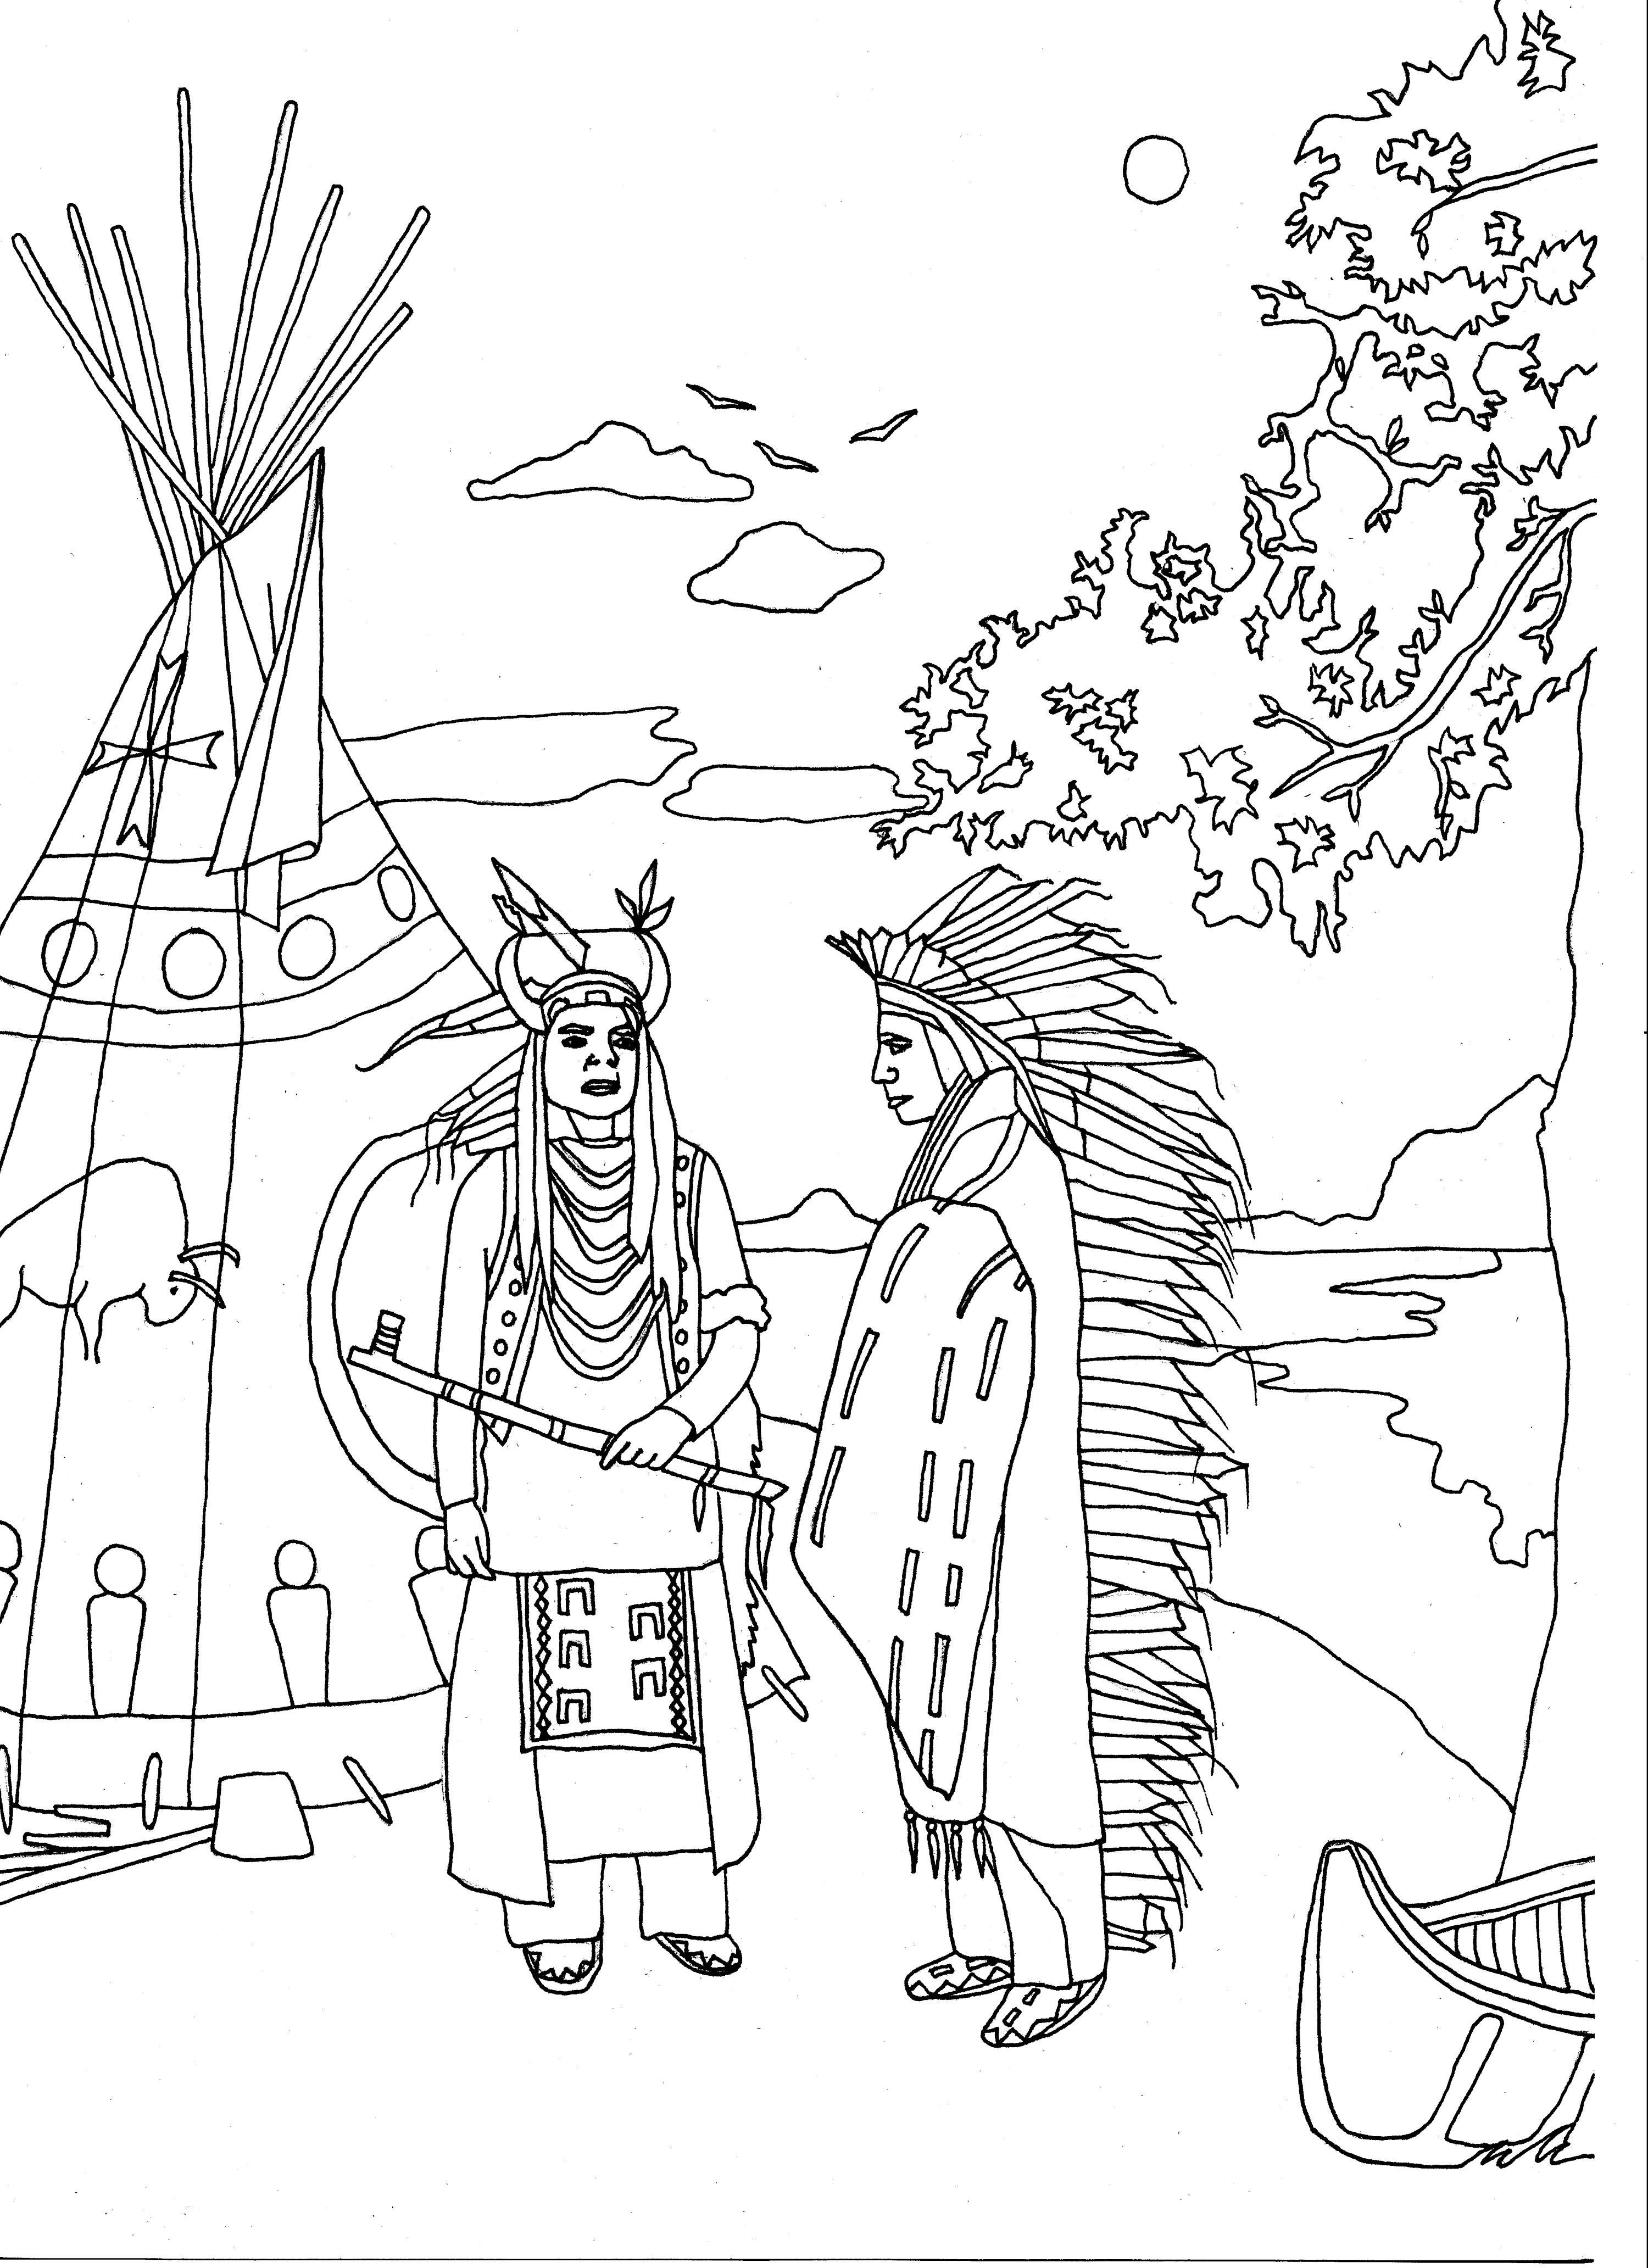 Disegni da colorare per adulti : Indiano dAmerica - 1